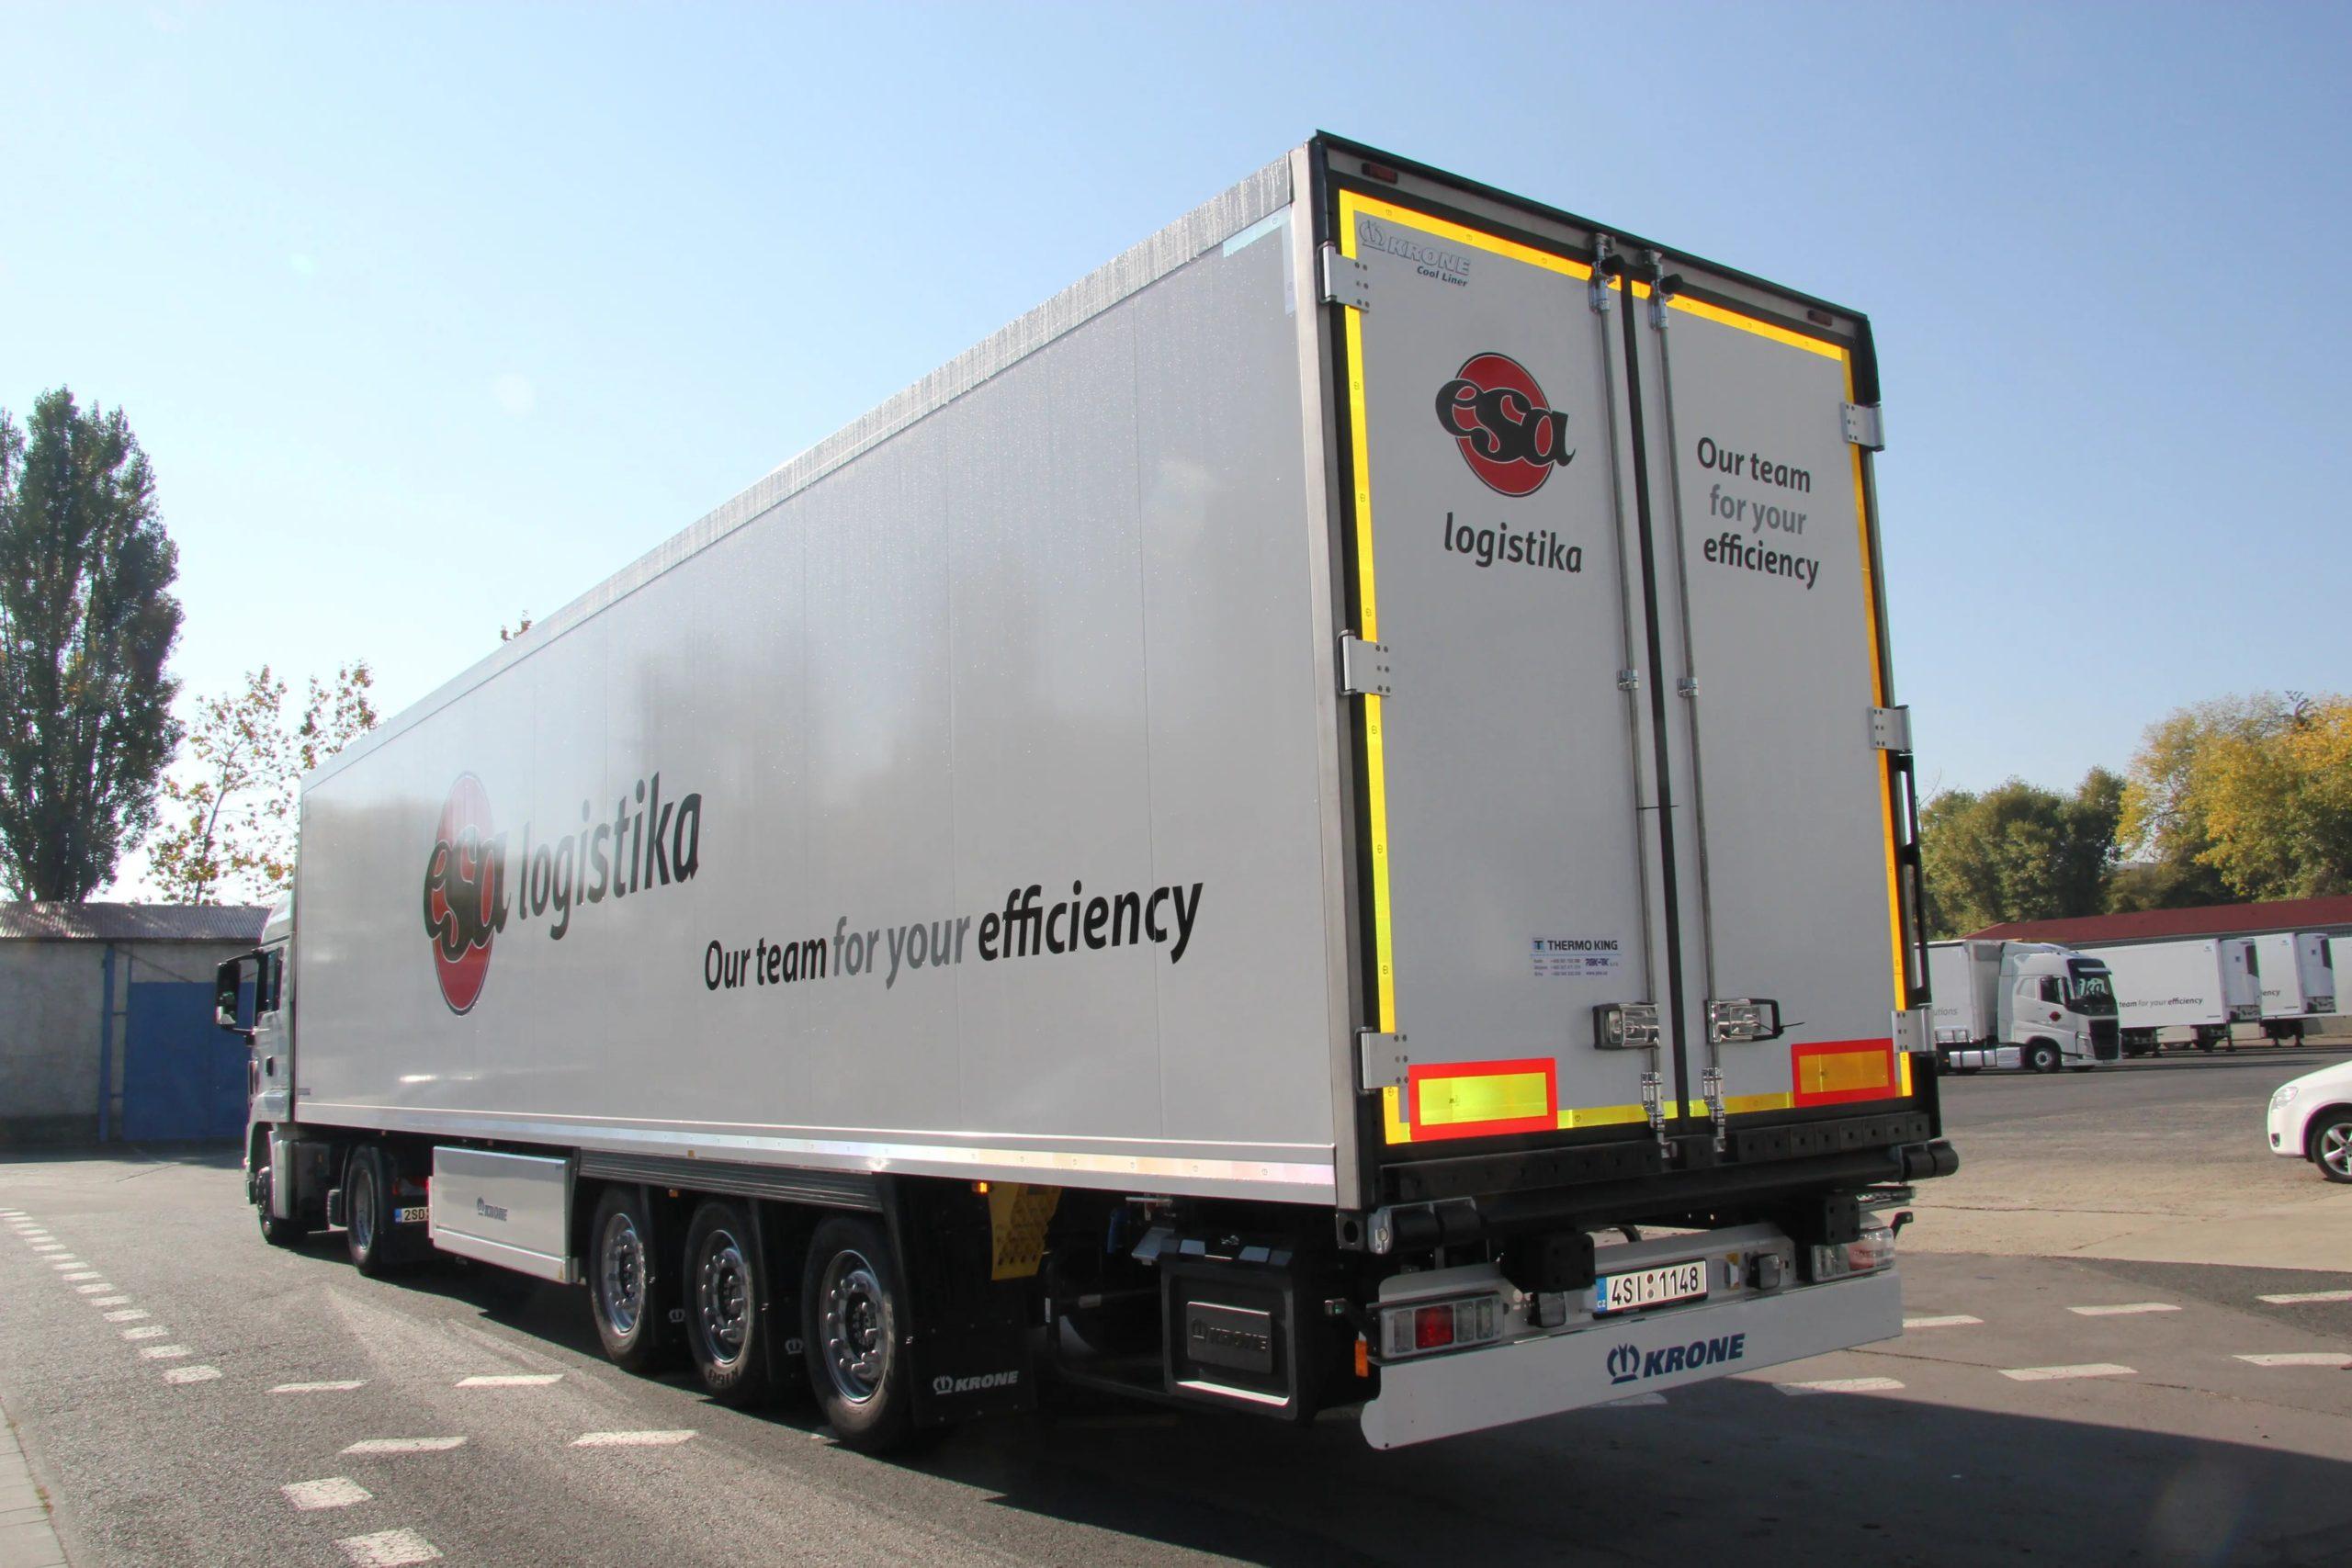 Usługa transportowa FTL Premium, ciężarówka z logo firmy ESA, transport ładunków wysokowartościowych